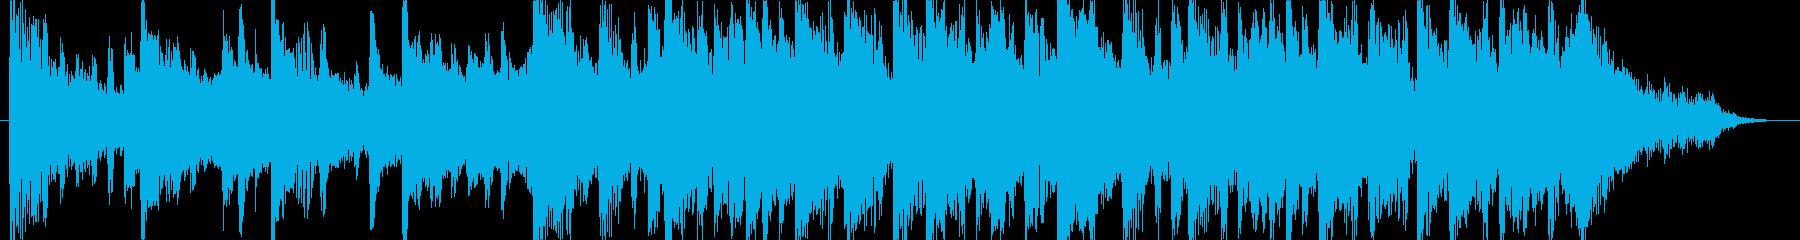 和む、でも少しクールなBGM-30秒の再生済みの波形